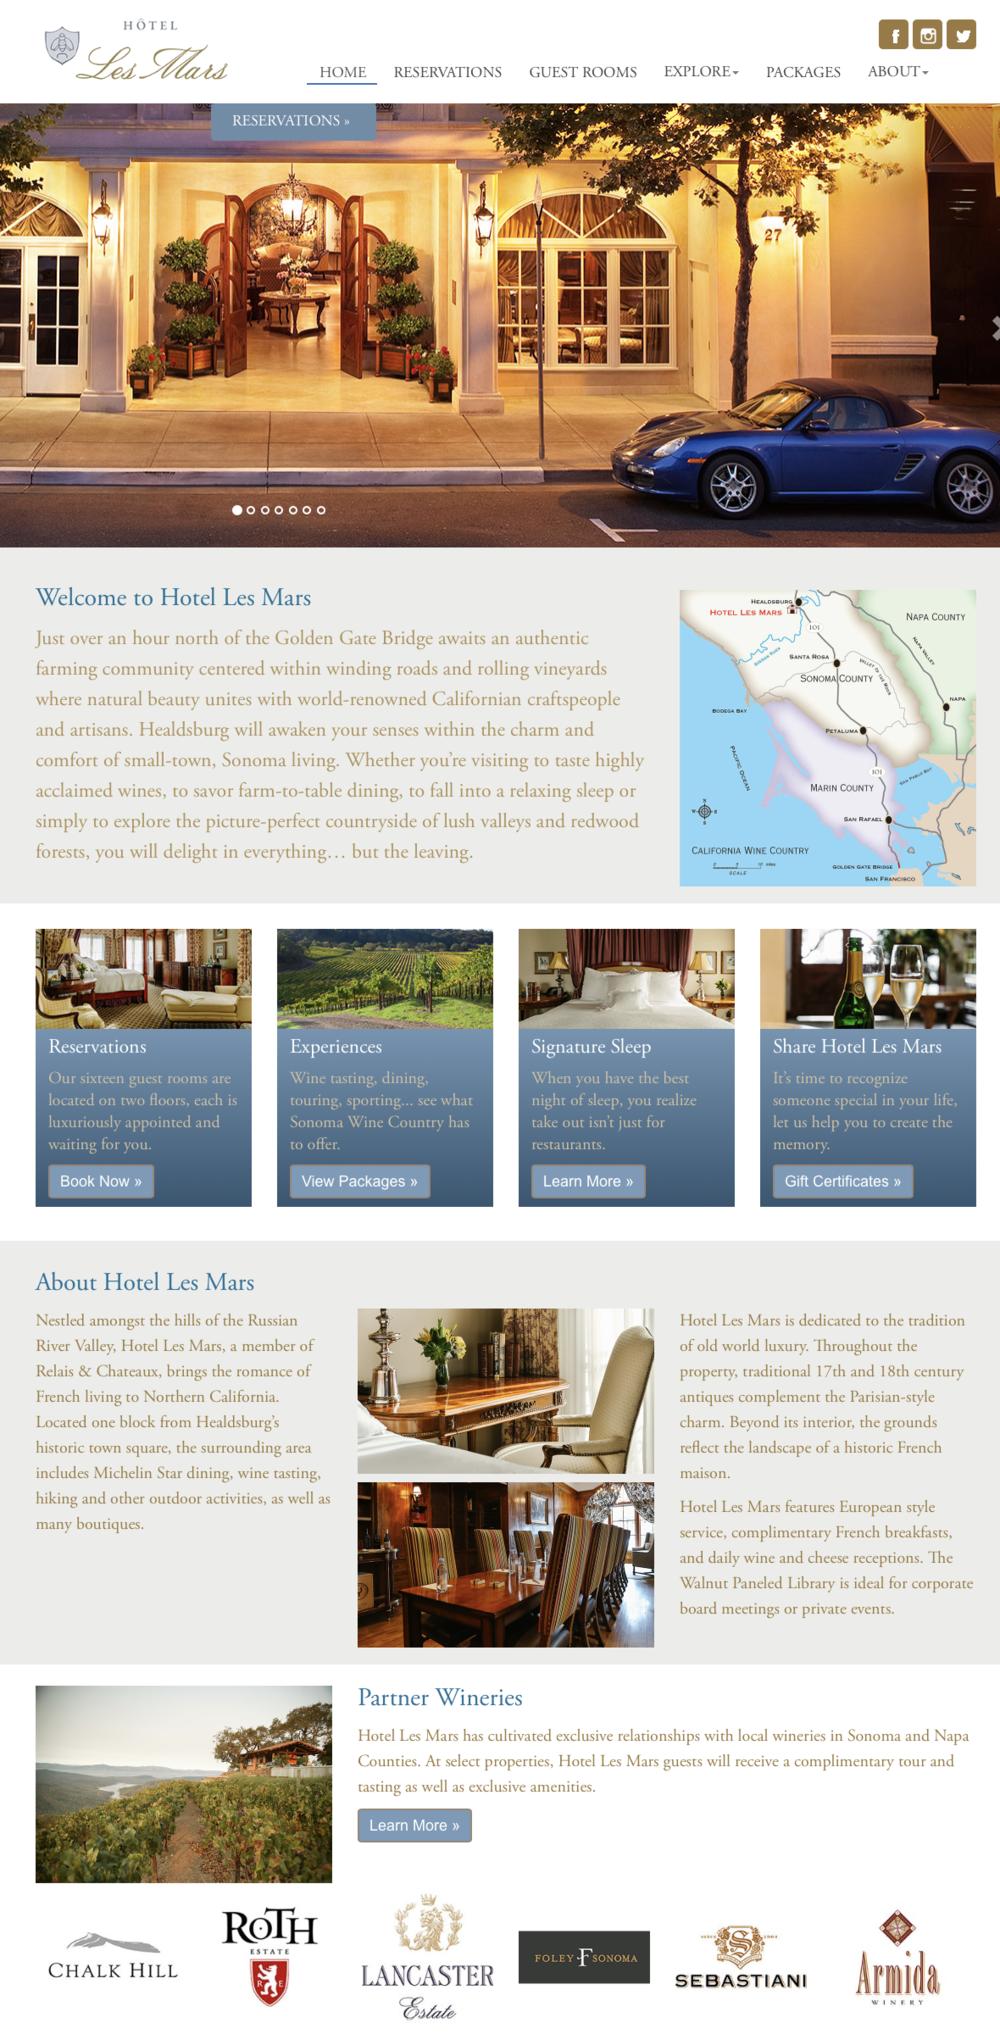 Hotel-Les-Mars-Healdsburg-CA.png